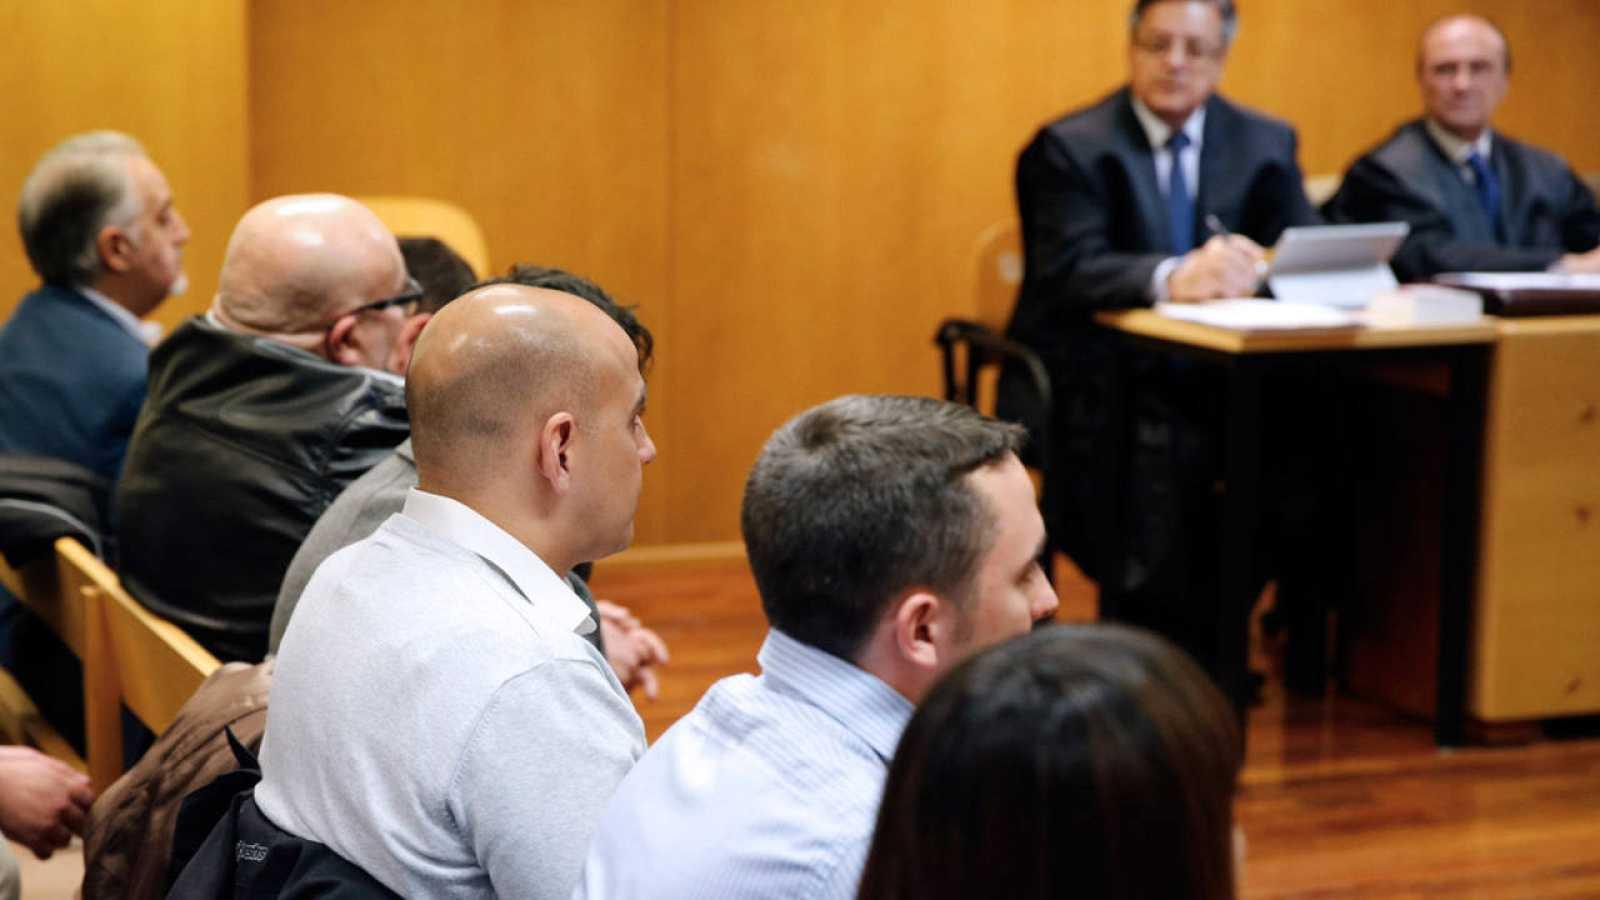 Los 15 ultras que asaltaron el centro cultural Blanquerna de Madrid, durante el juicio.